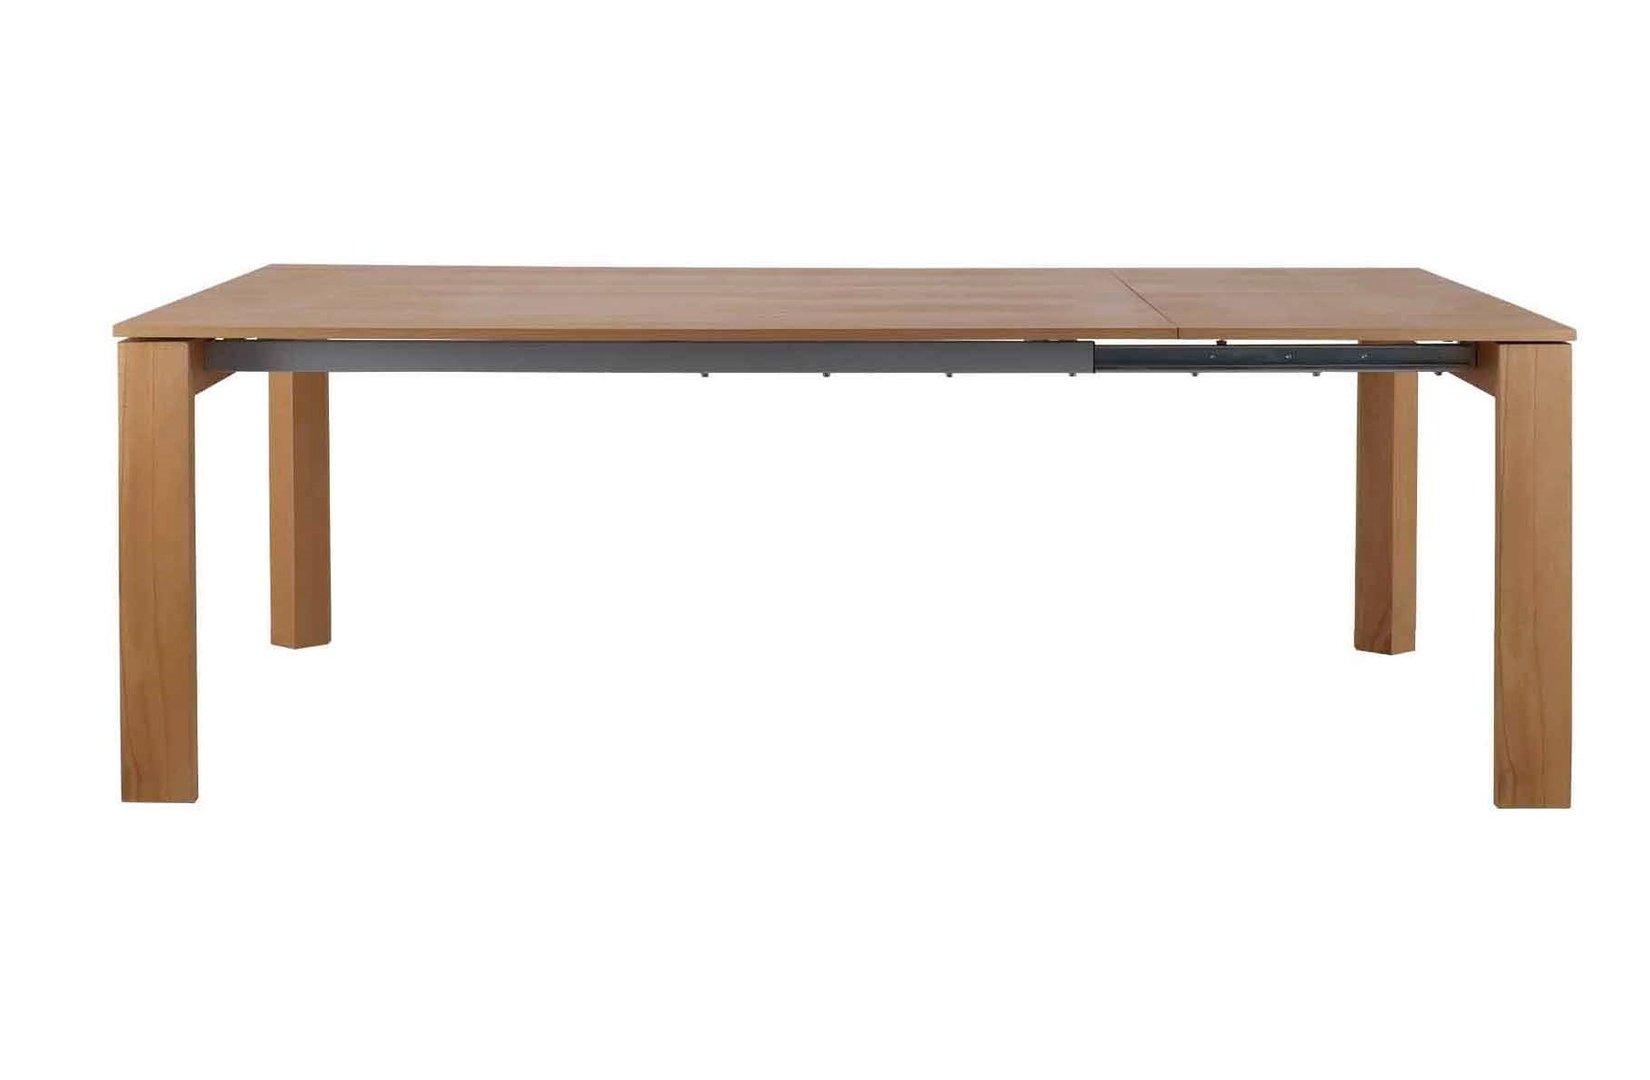 Tavolo allungabile in faggio tavoli legno massiccio - Tavolo allungabile in legno massiccio ...